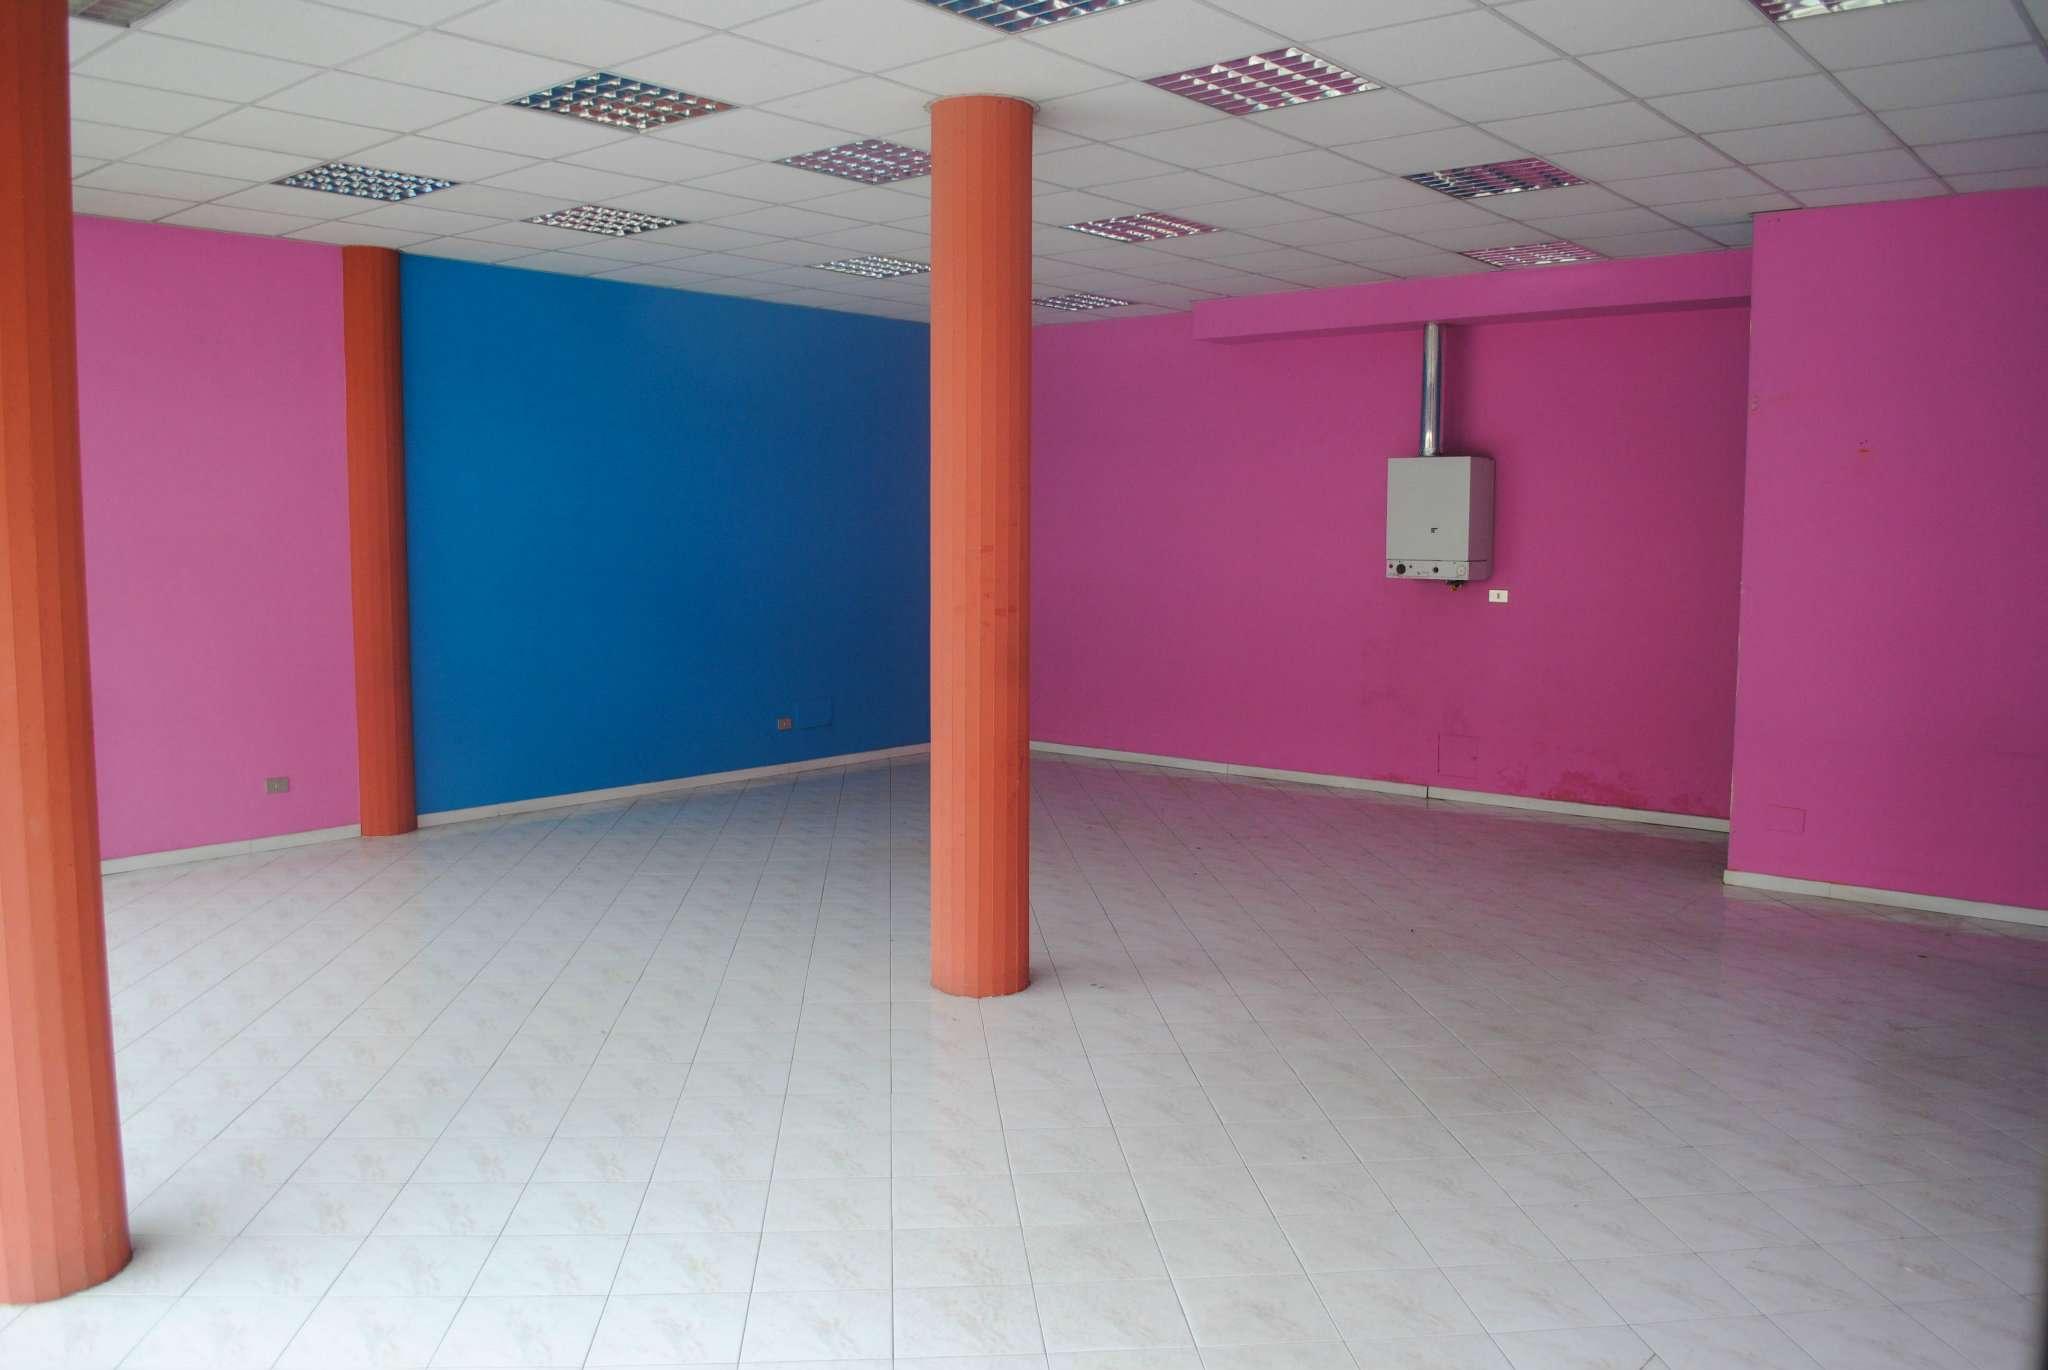 Immagine immobiliare LOCALE COMMERCIALE Grugliasco: Via Carolina SpannaUbicato all'interno del centro commerciale